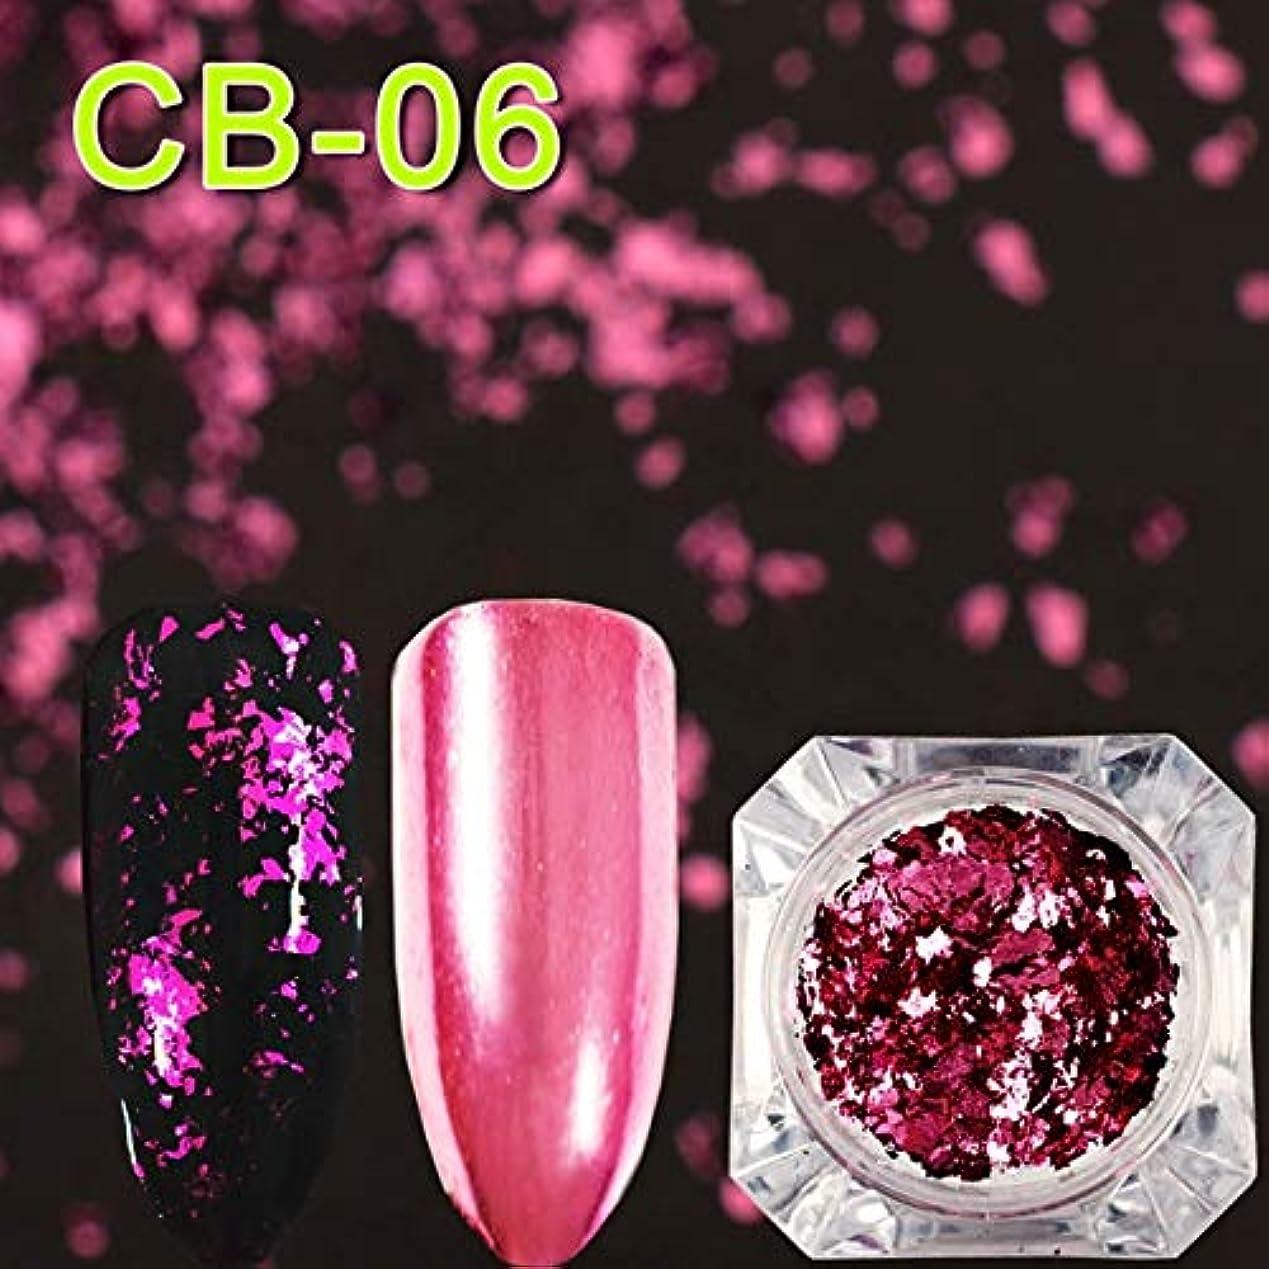 ビューティー&パーソナルケア 3個マジックミラーカメレオングリッターネイルフレークスパンコール不規則なネイルデコレーション(CB01) ステッカー&デカール (色 : CB06)